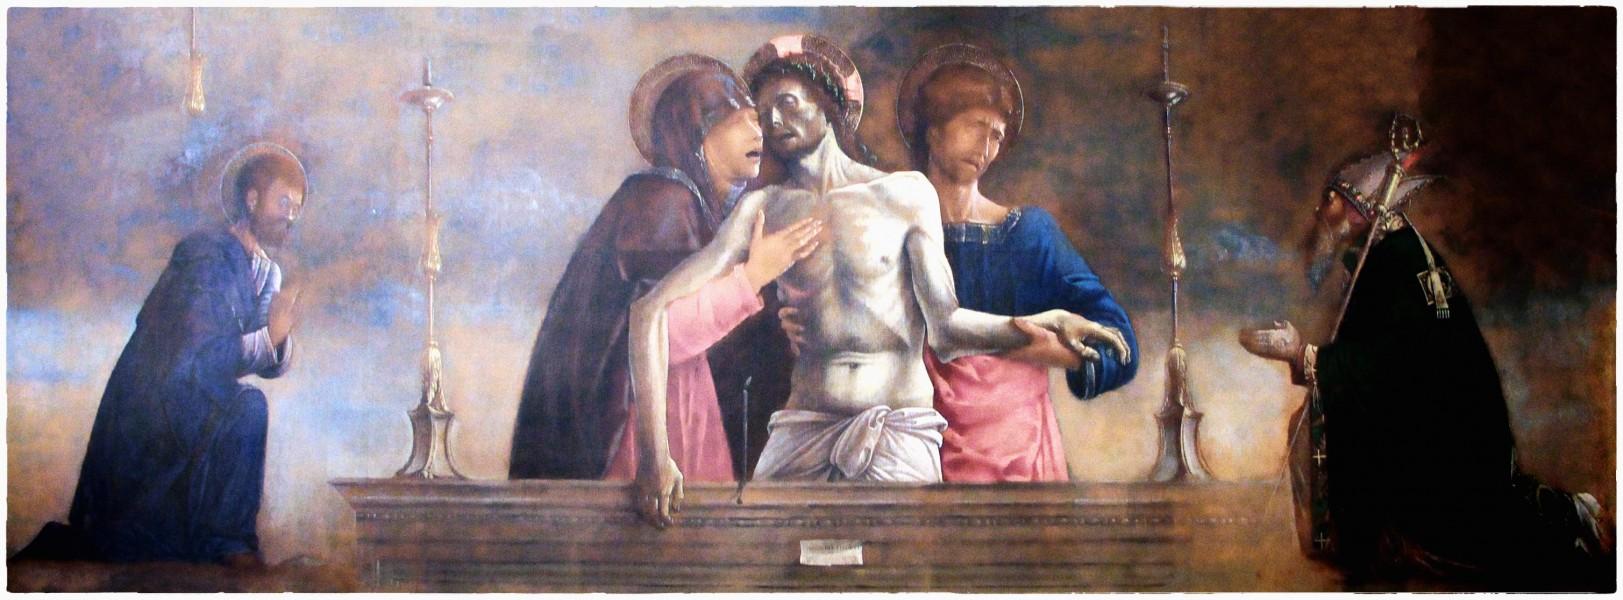 Giovanni_e_gentile_bellini_pieta_1472.jpg